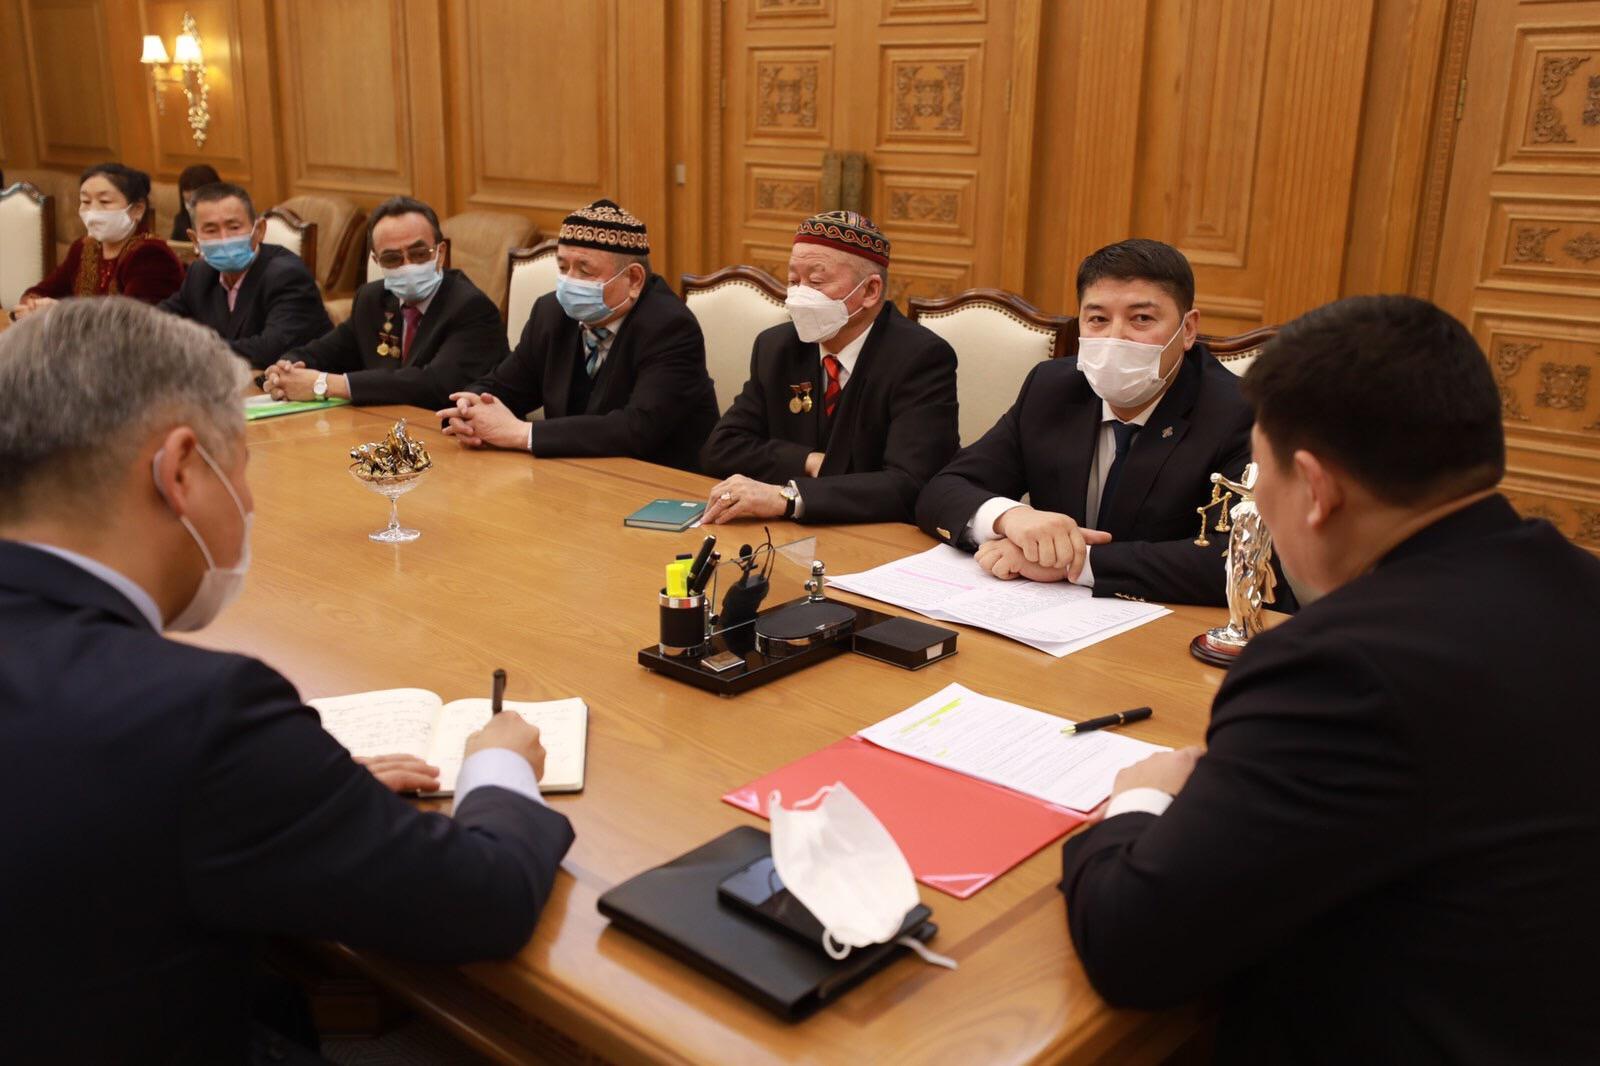 Ерөнхий сайд Казах түмэнд Наурызын баярын мэндчилгээ дэвшүүлэв